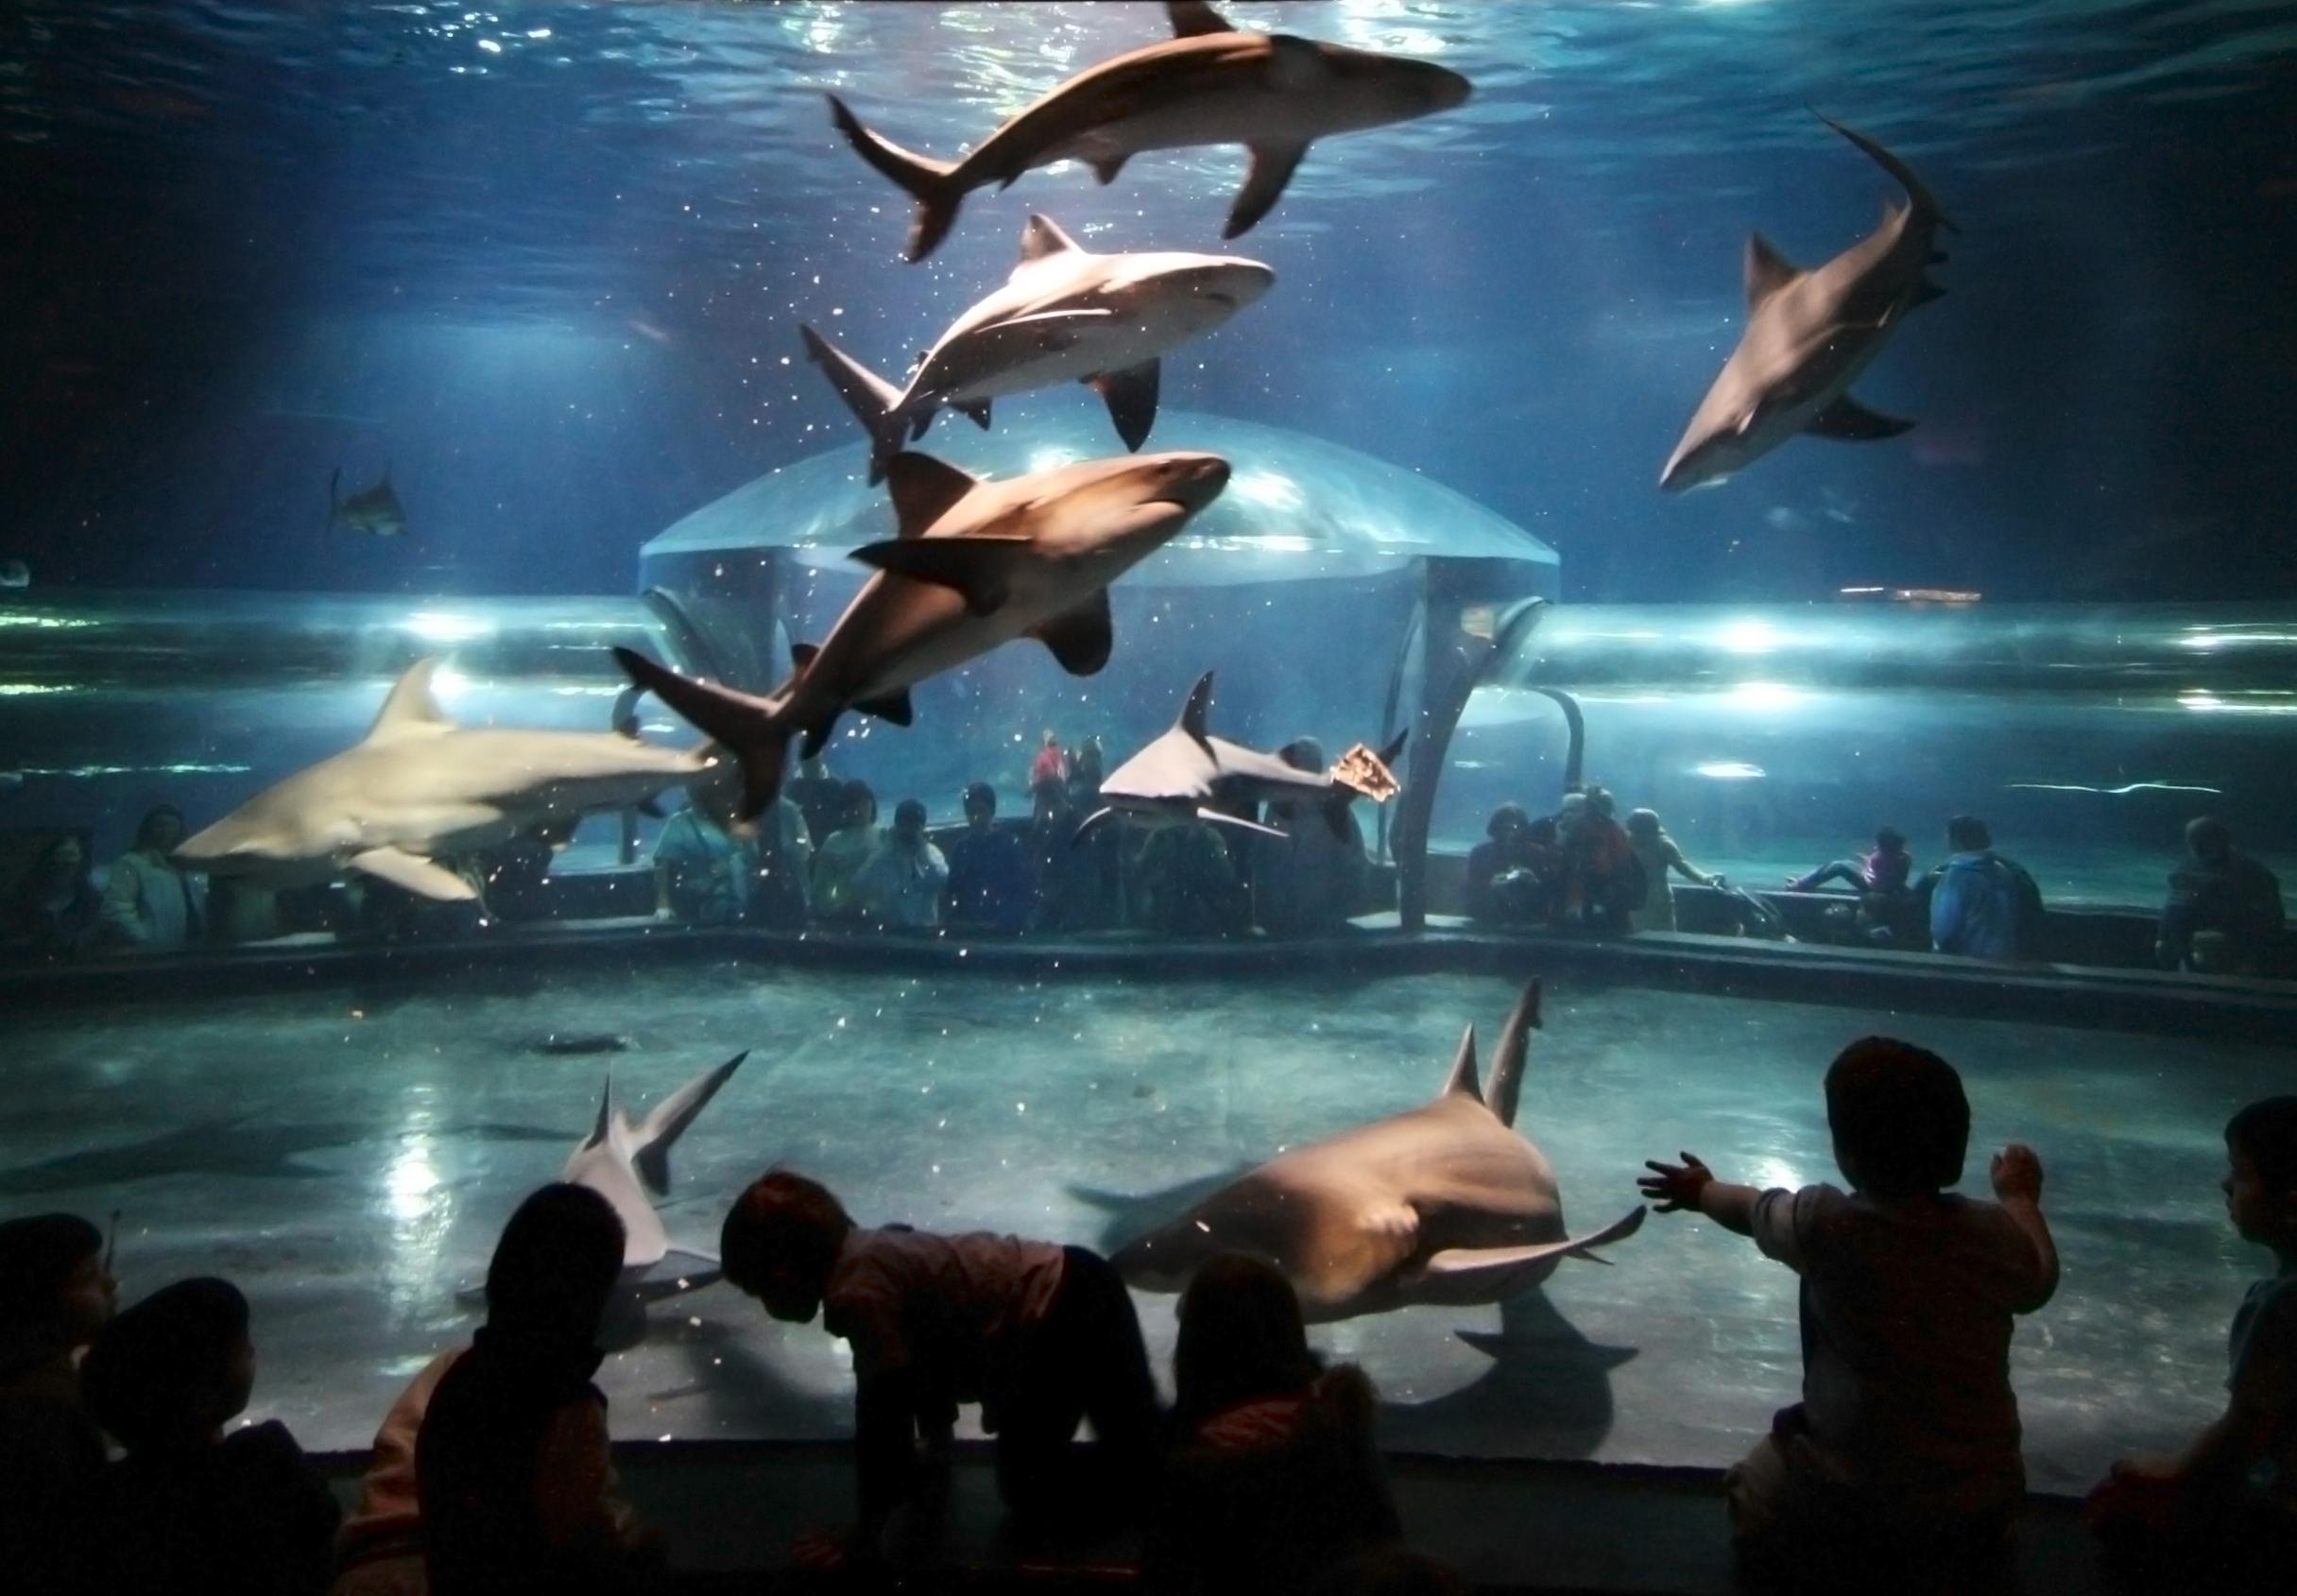 sharks-crop.jpg